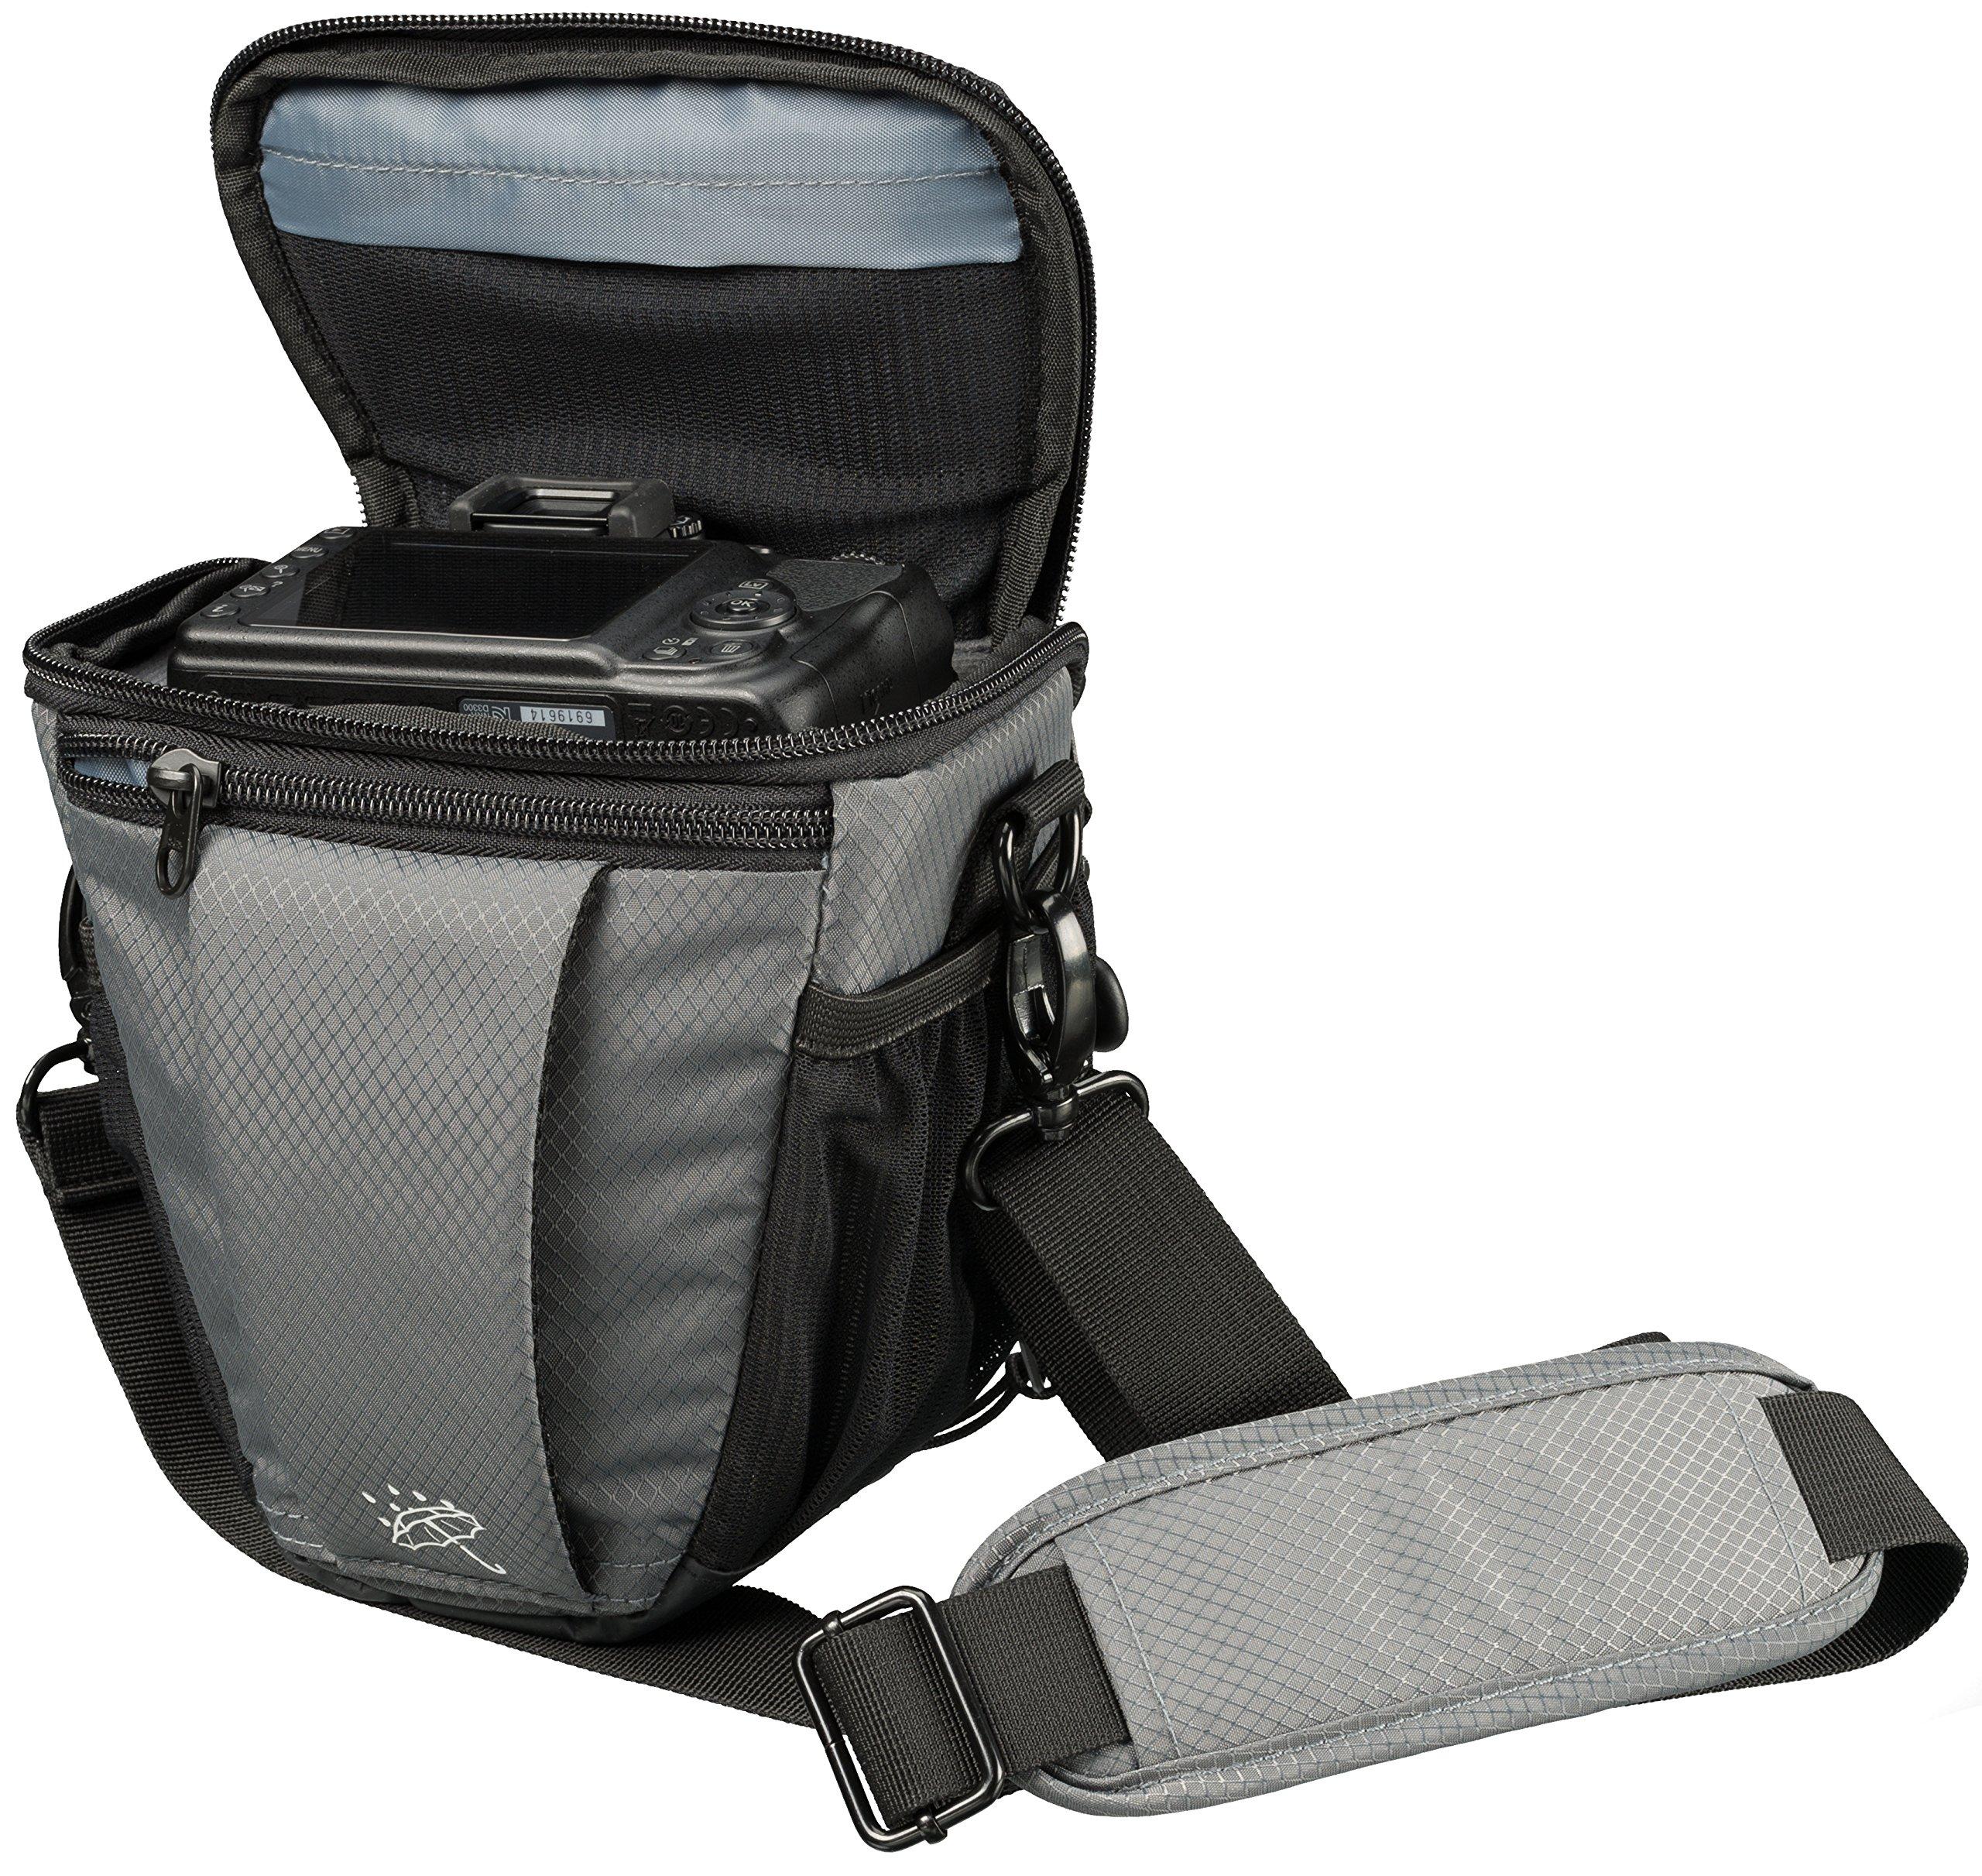 Bresser 相机背包3620001 SLR Tasche 灰色